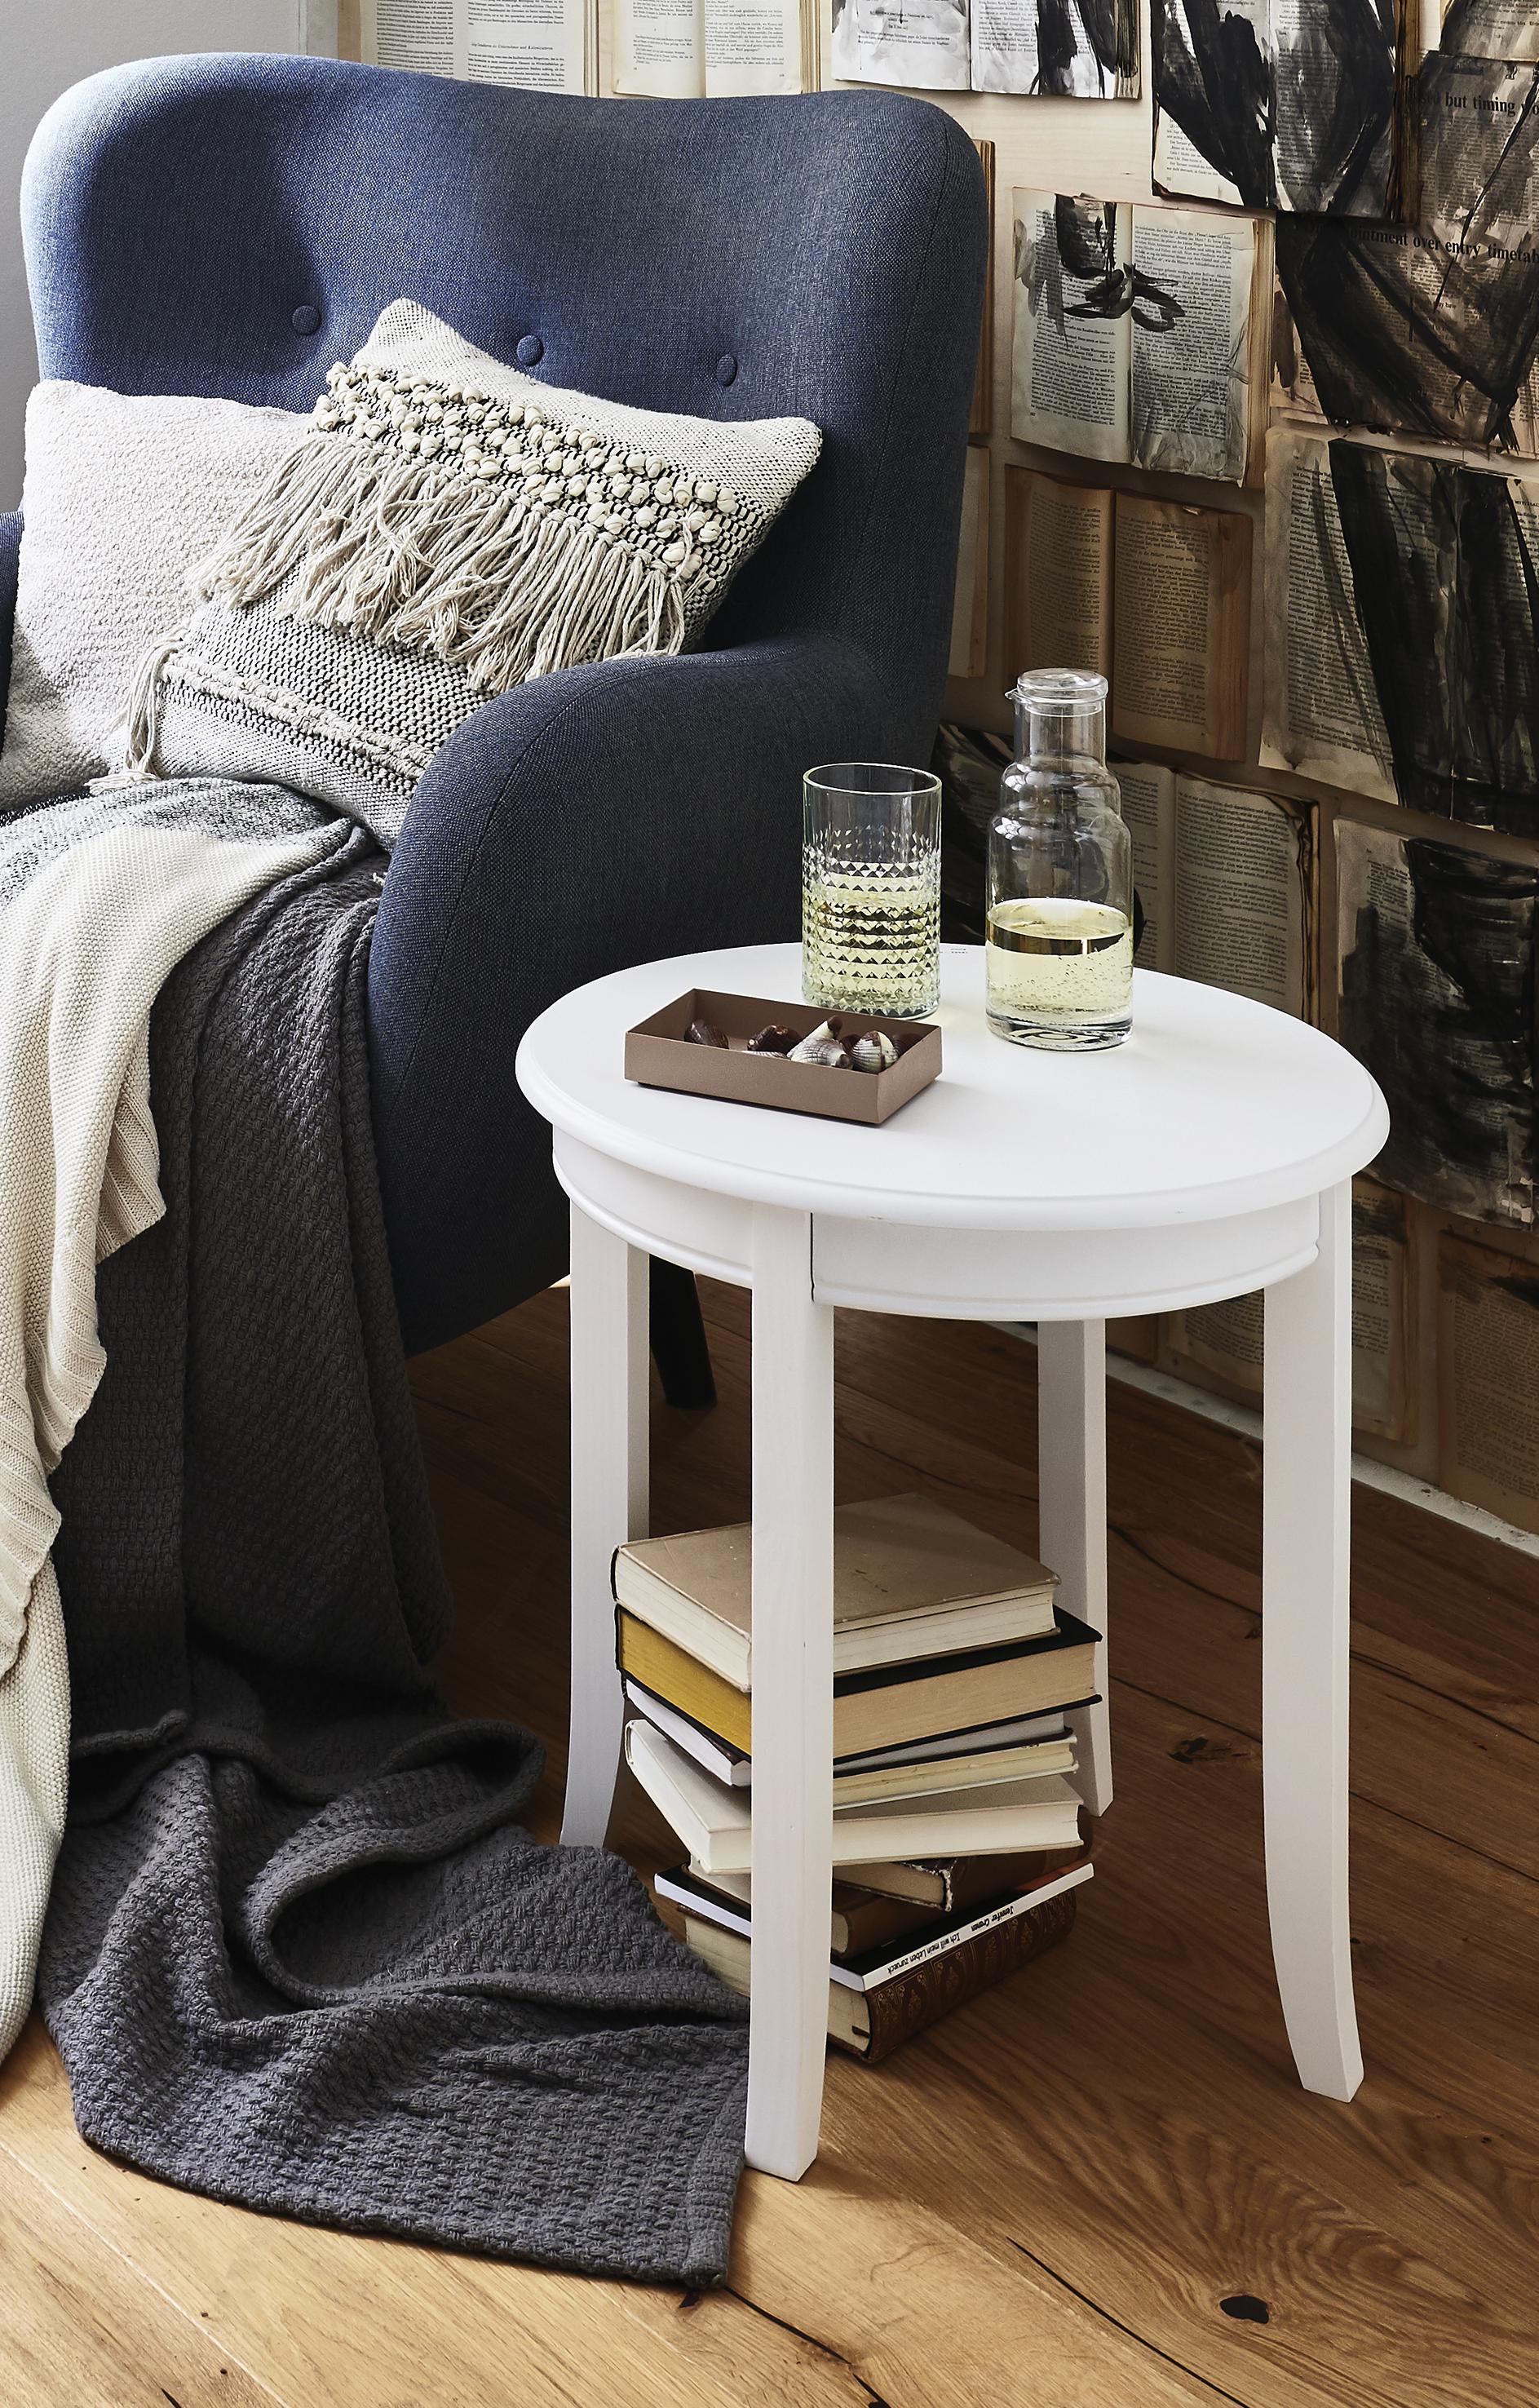 HAKU Beistelltisch Wohnen/Räume/Wohnzimmer/Couchtische & Beistelltische/Beistelltische